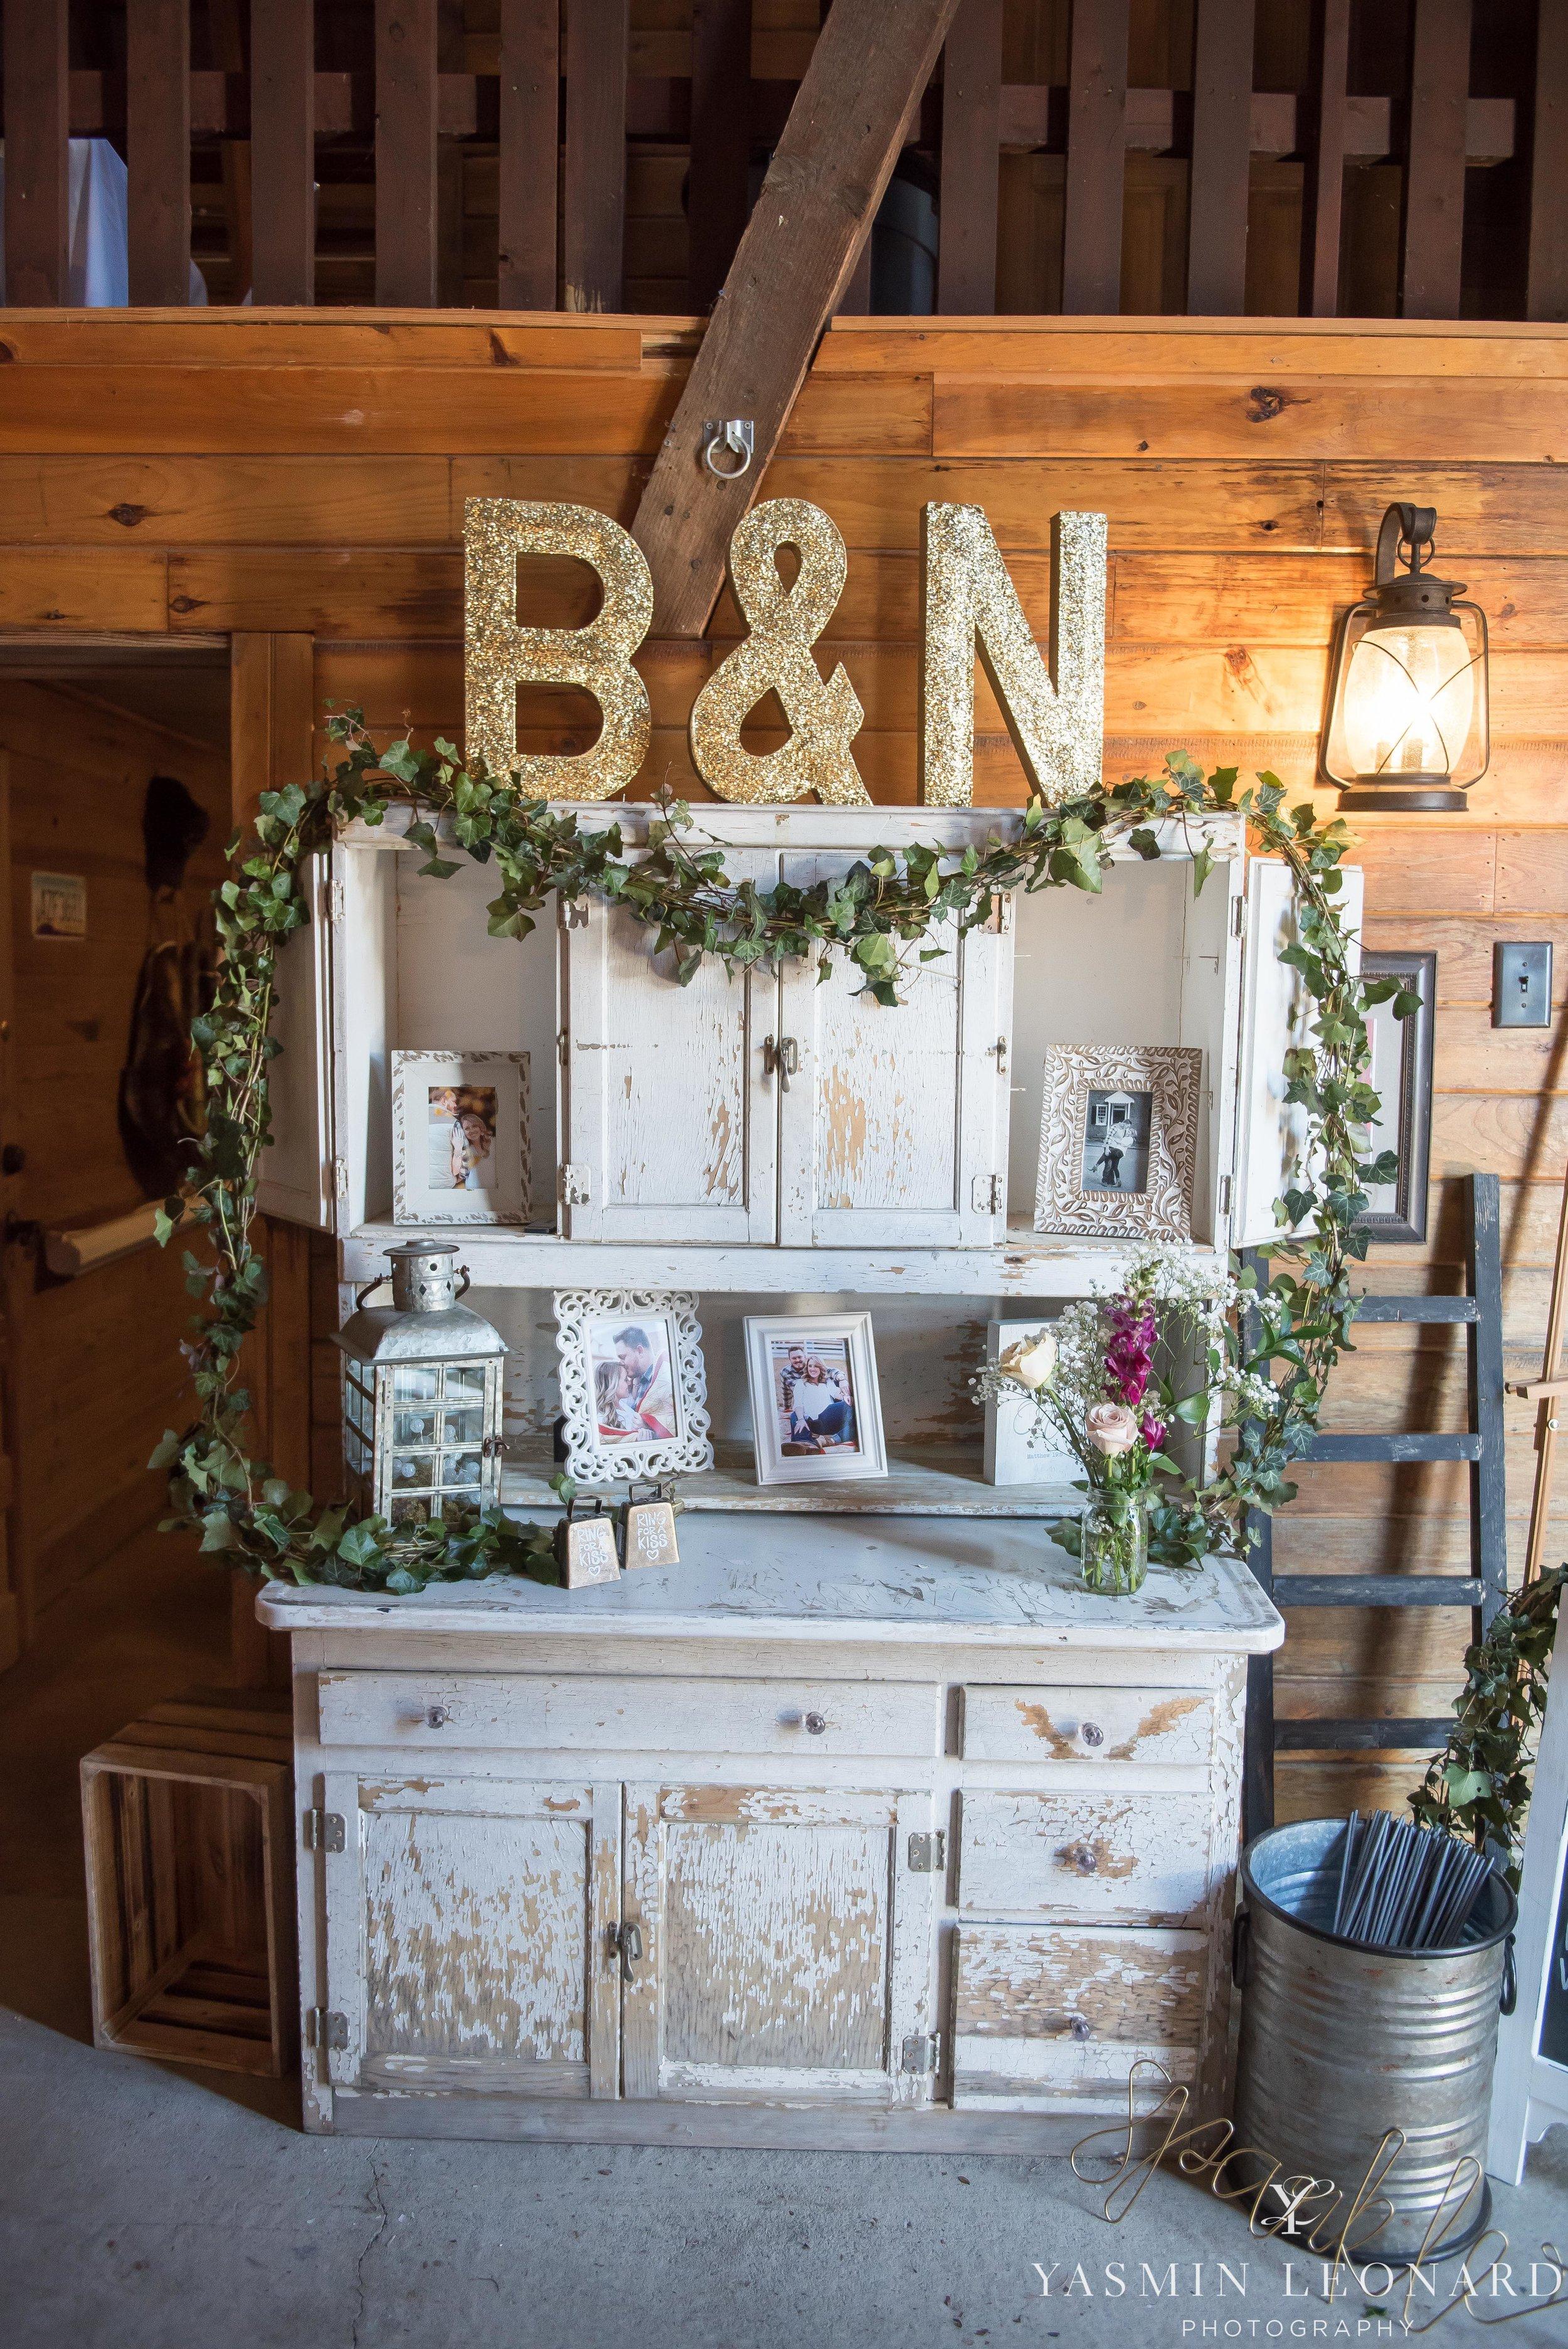 Millikan Farms - Millikan Farms Wedding - Sophia NC Wedding - NC Wedding - NC Wedding Photographer - Yasmin Leonard Photography - High Point Photographer - Barn Wedding - Wedding Venues in NC - Triad Wedding Photographer-10.jpg